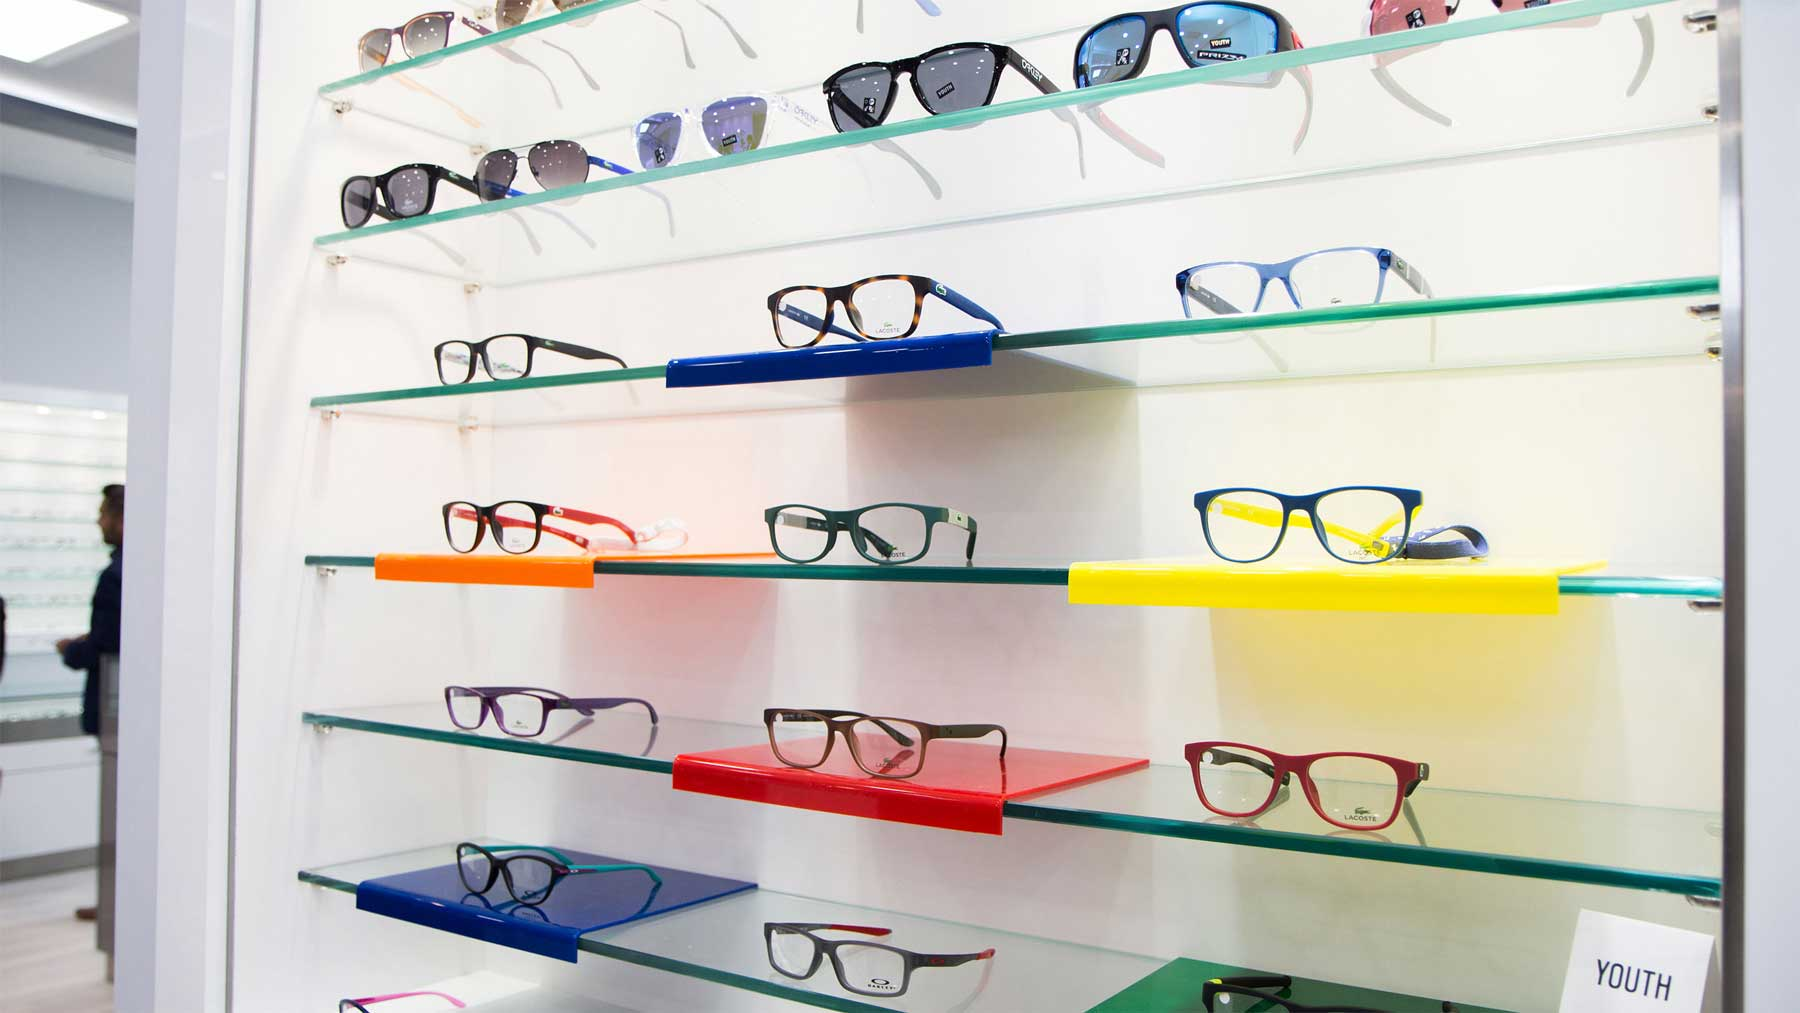 14-Childrens-Eyewear-at-Brampton-Family-Eye-Care